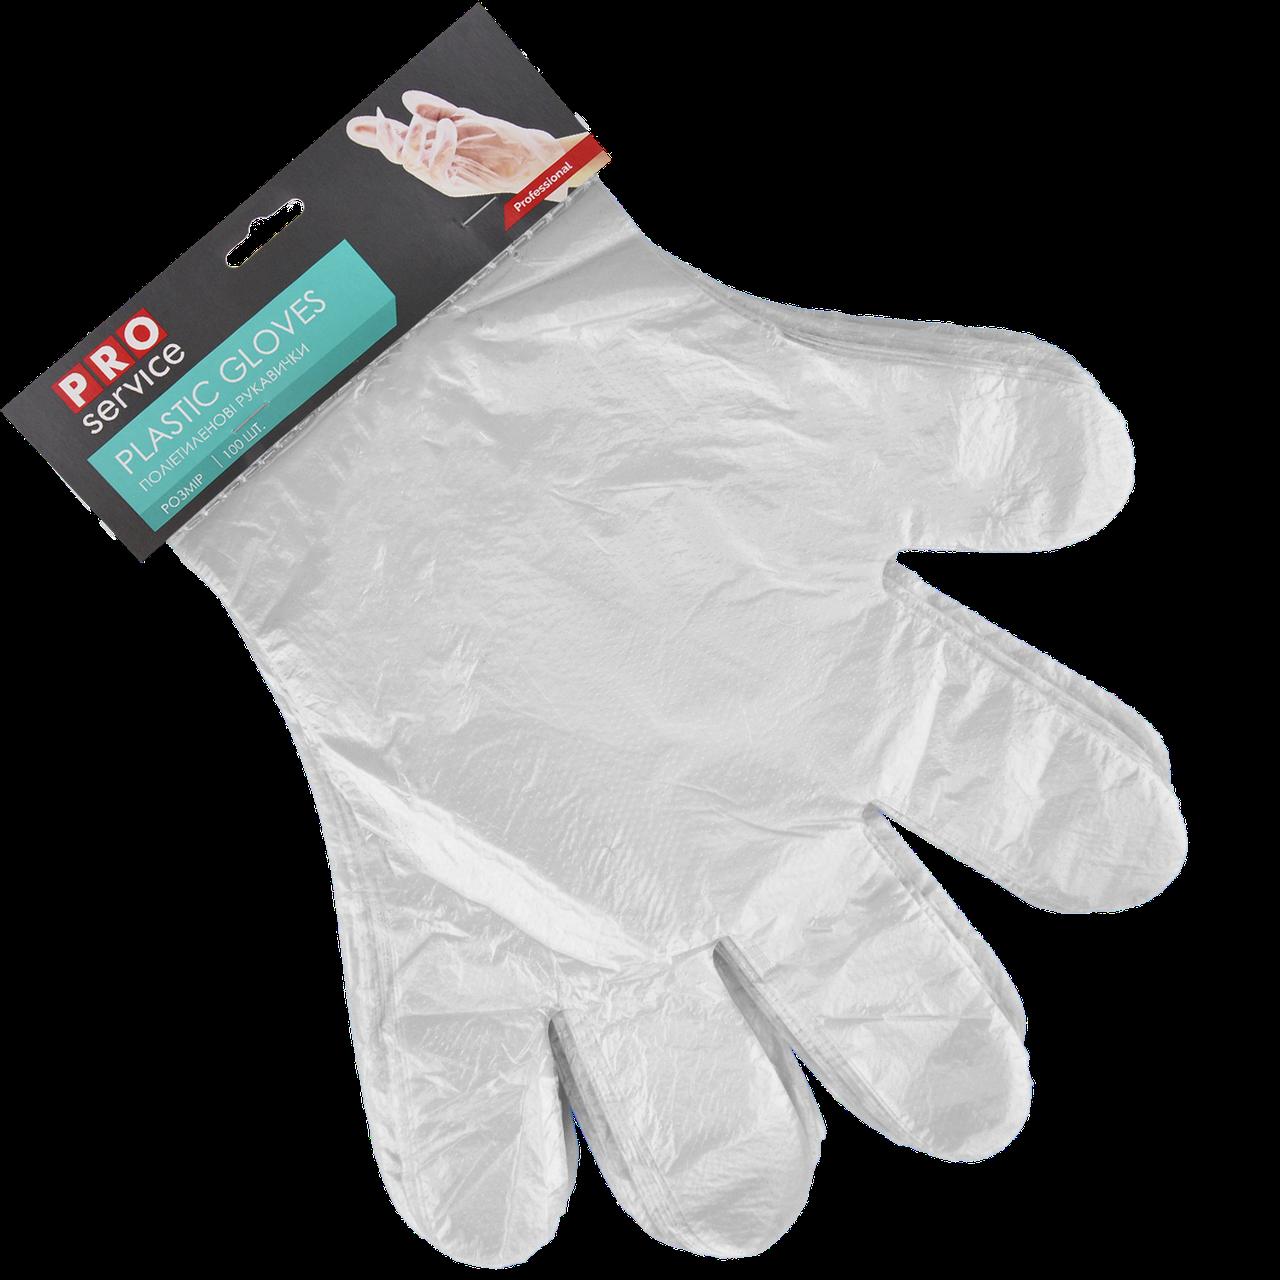 Перчатки полиэтиленовые отрывные на картоне 100шт